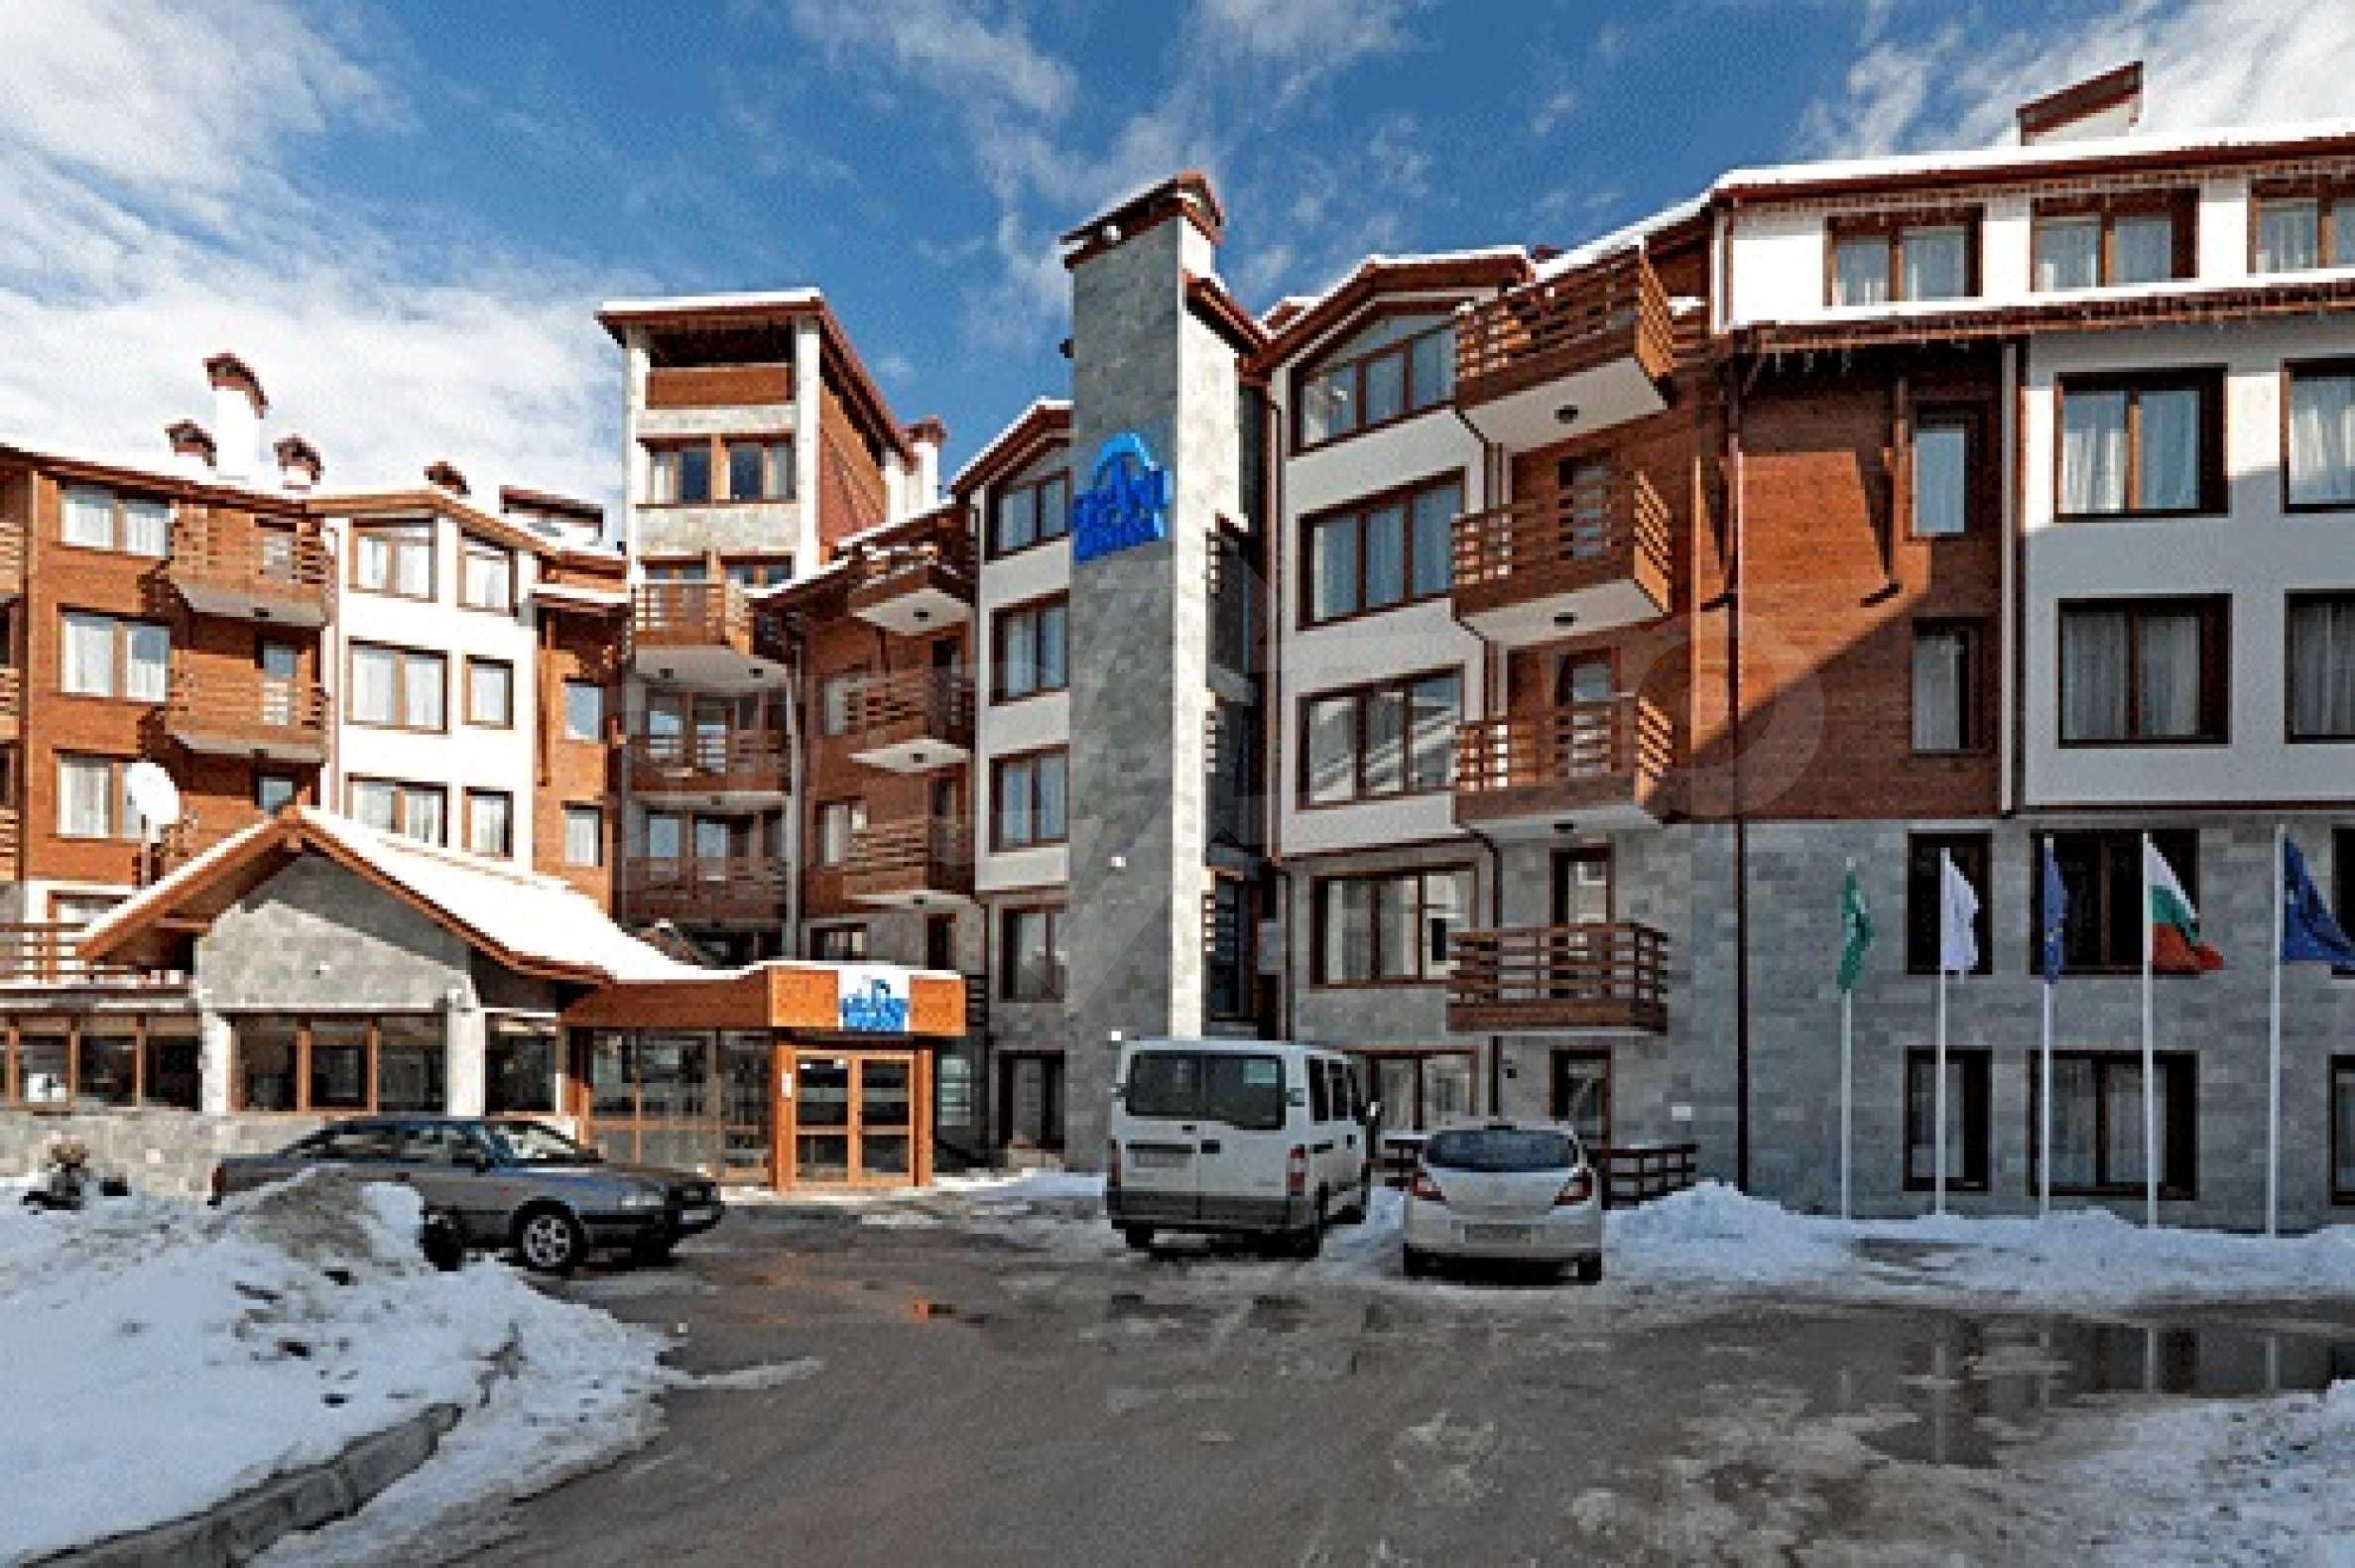 Комфортабельный апартамент в лыжном курорте 8